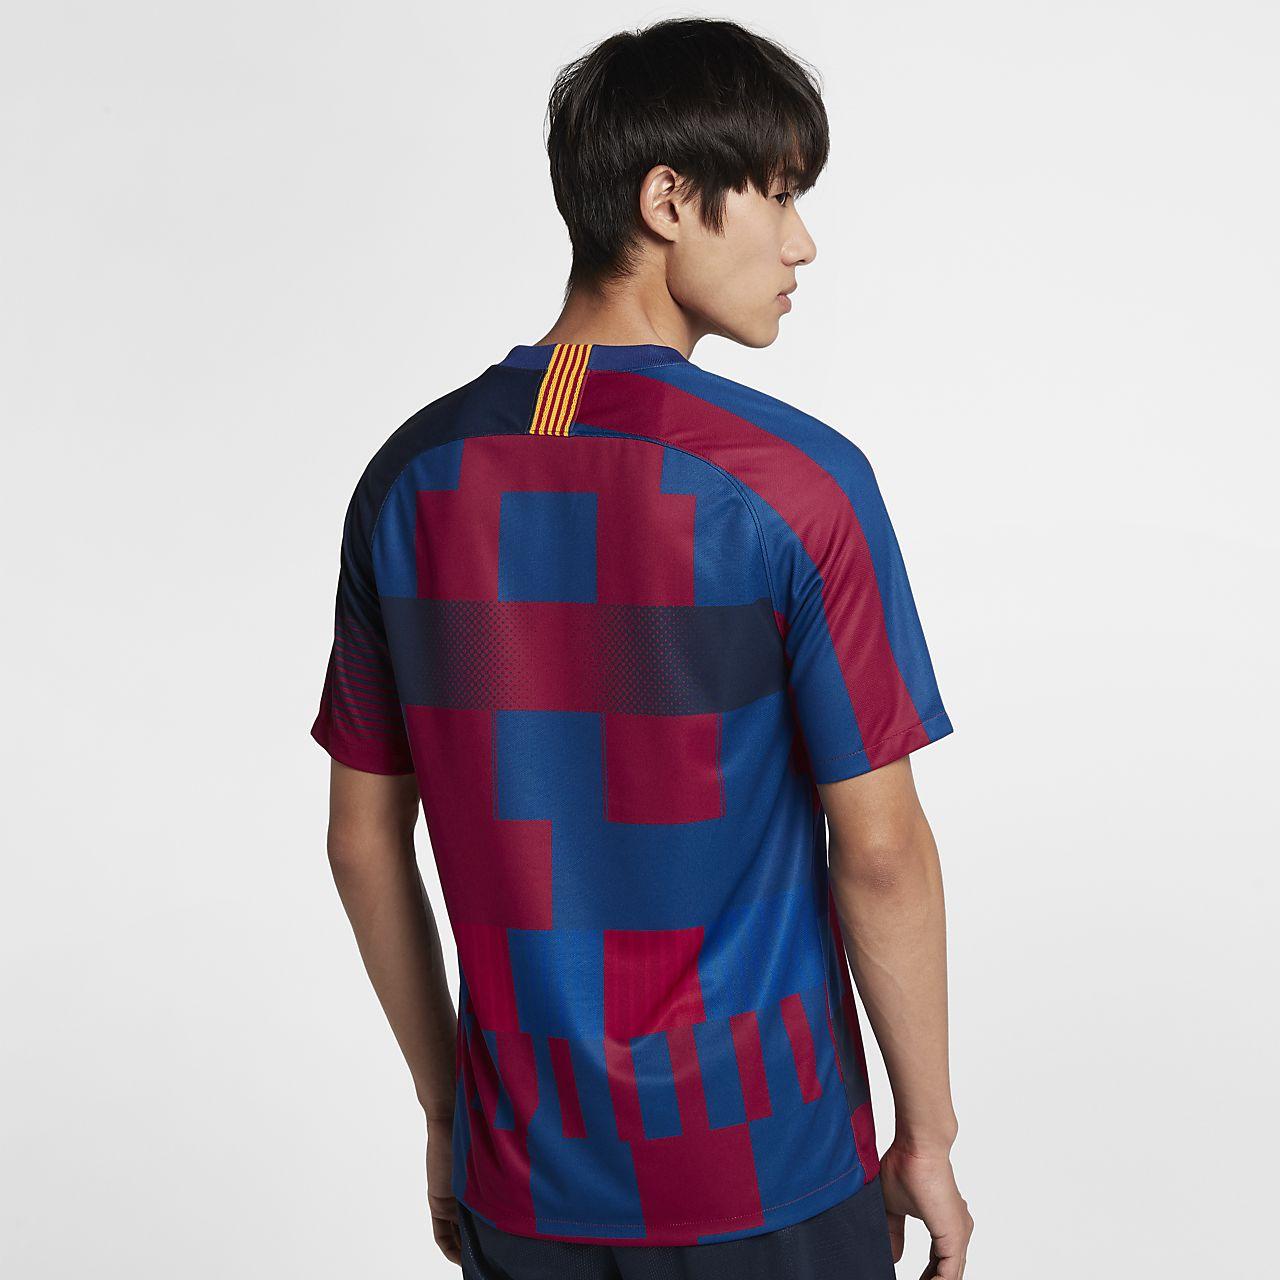 b02c00a526479 Camiseta para hombre FC Barcelona 20th Anniversary. Nike.com CL